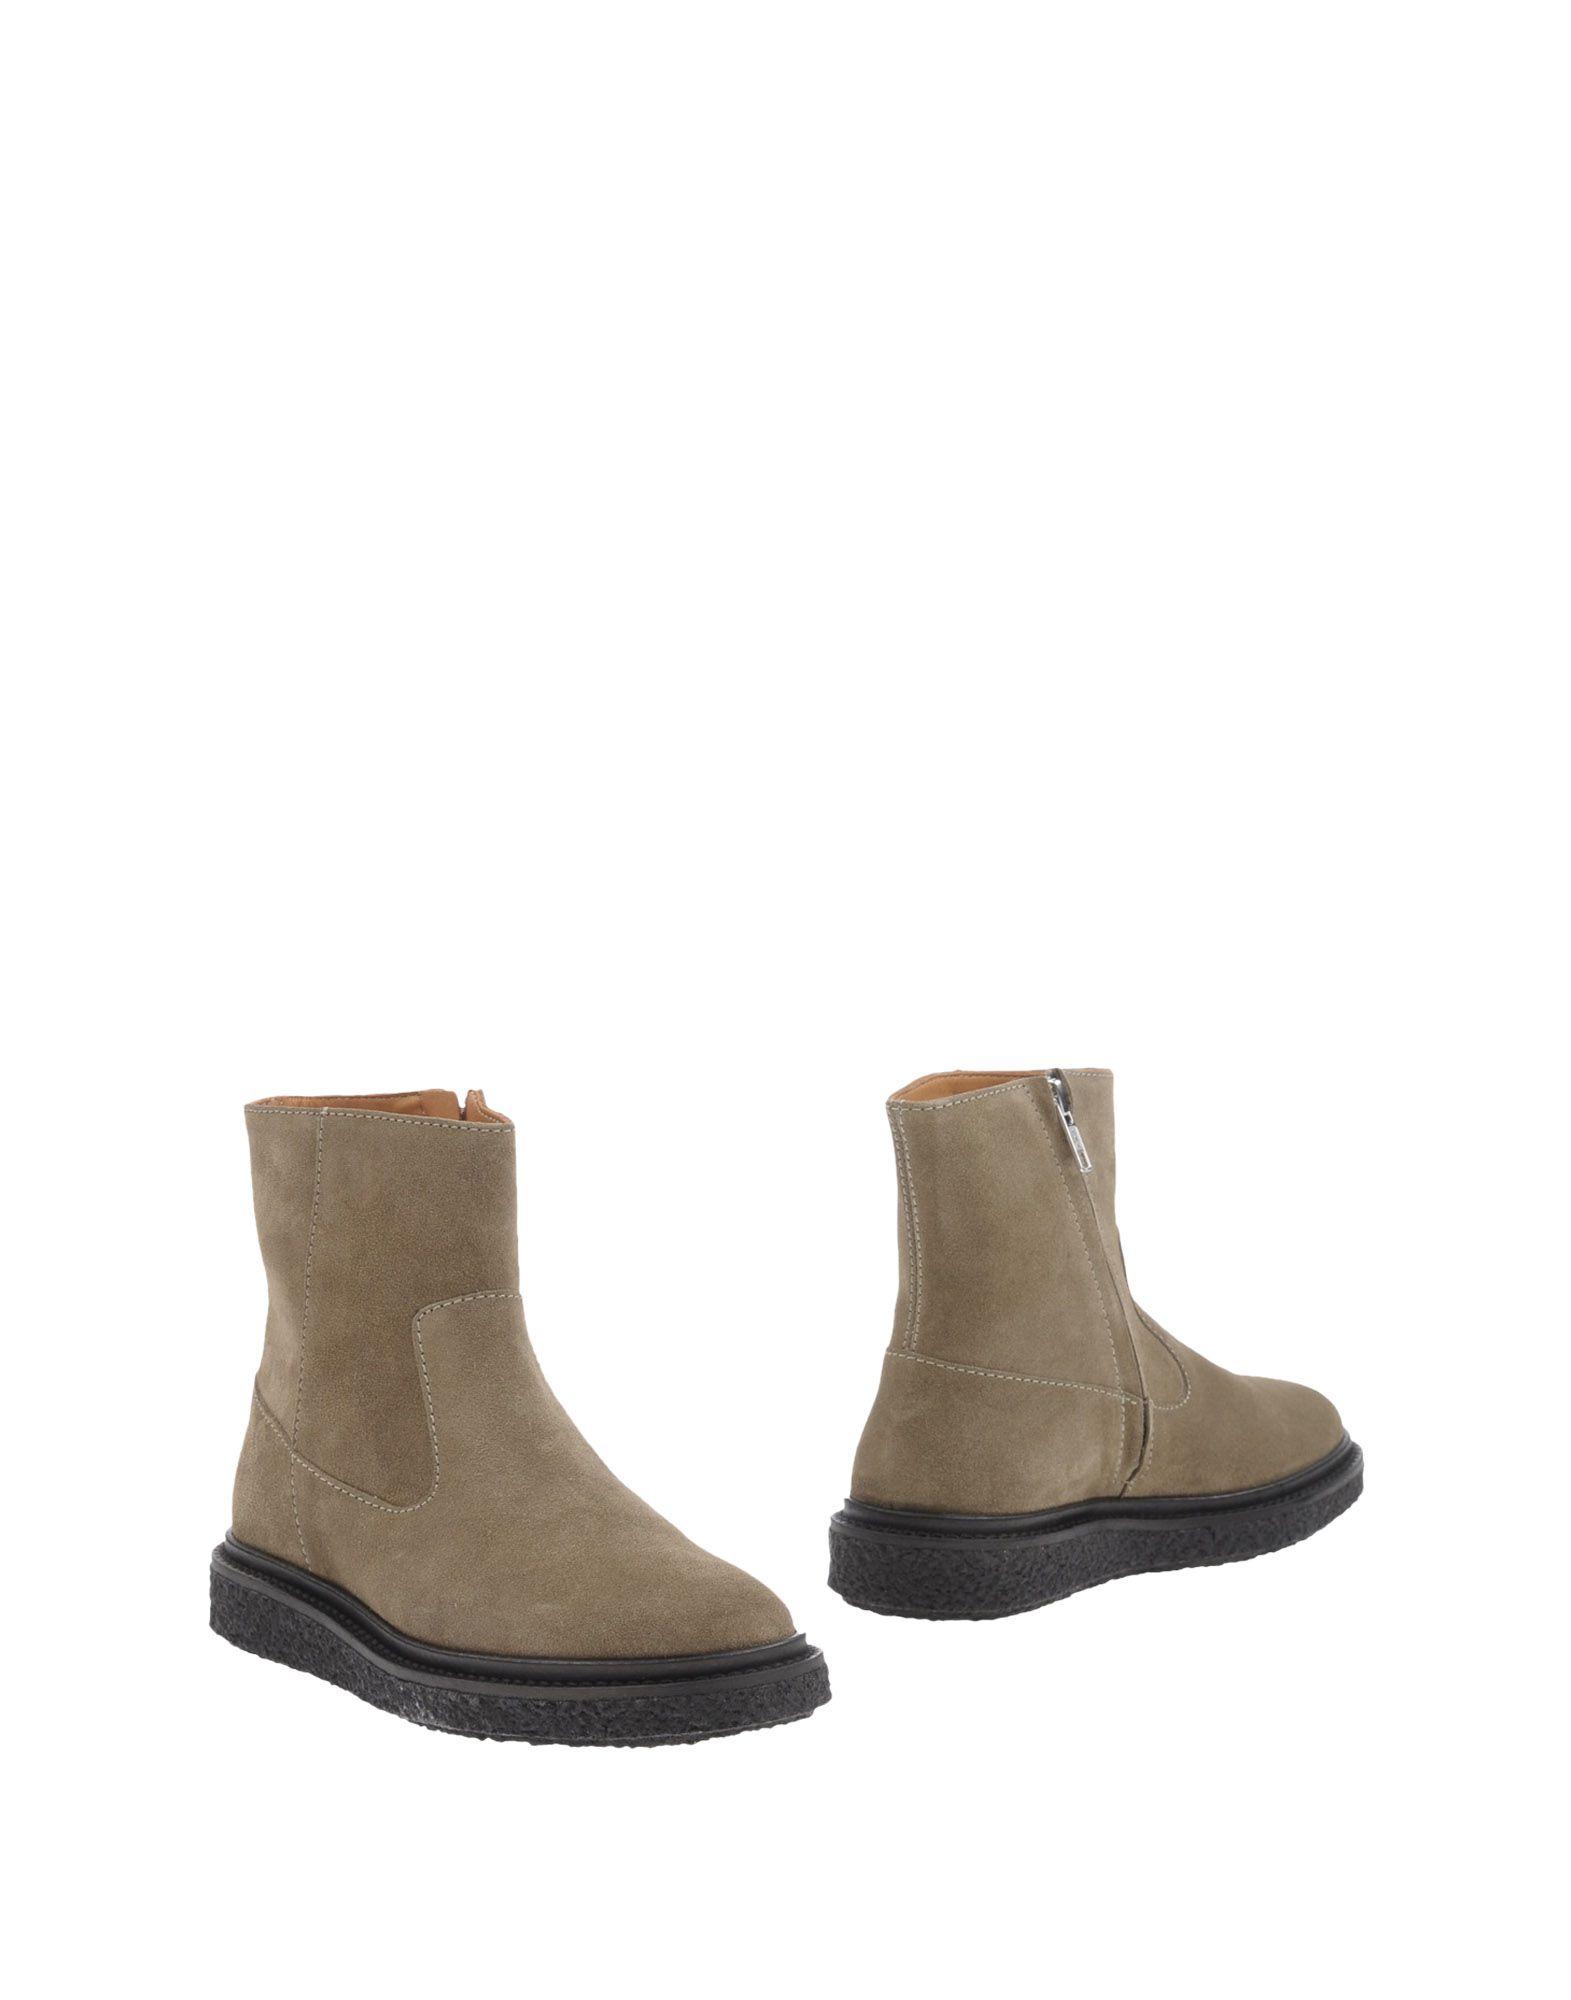 Isabel Marant Étoile Stiefelette Damen  11218732PIGünstige gut aussehende Schuhe